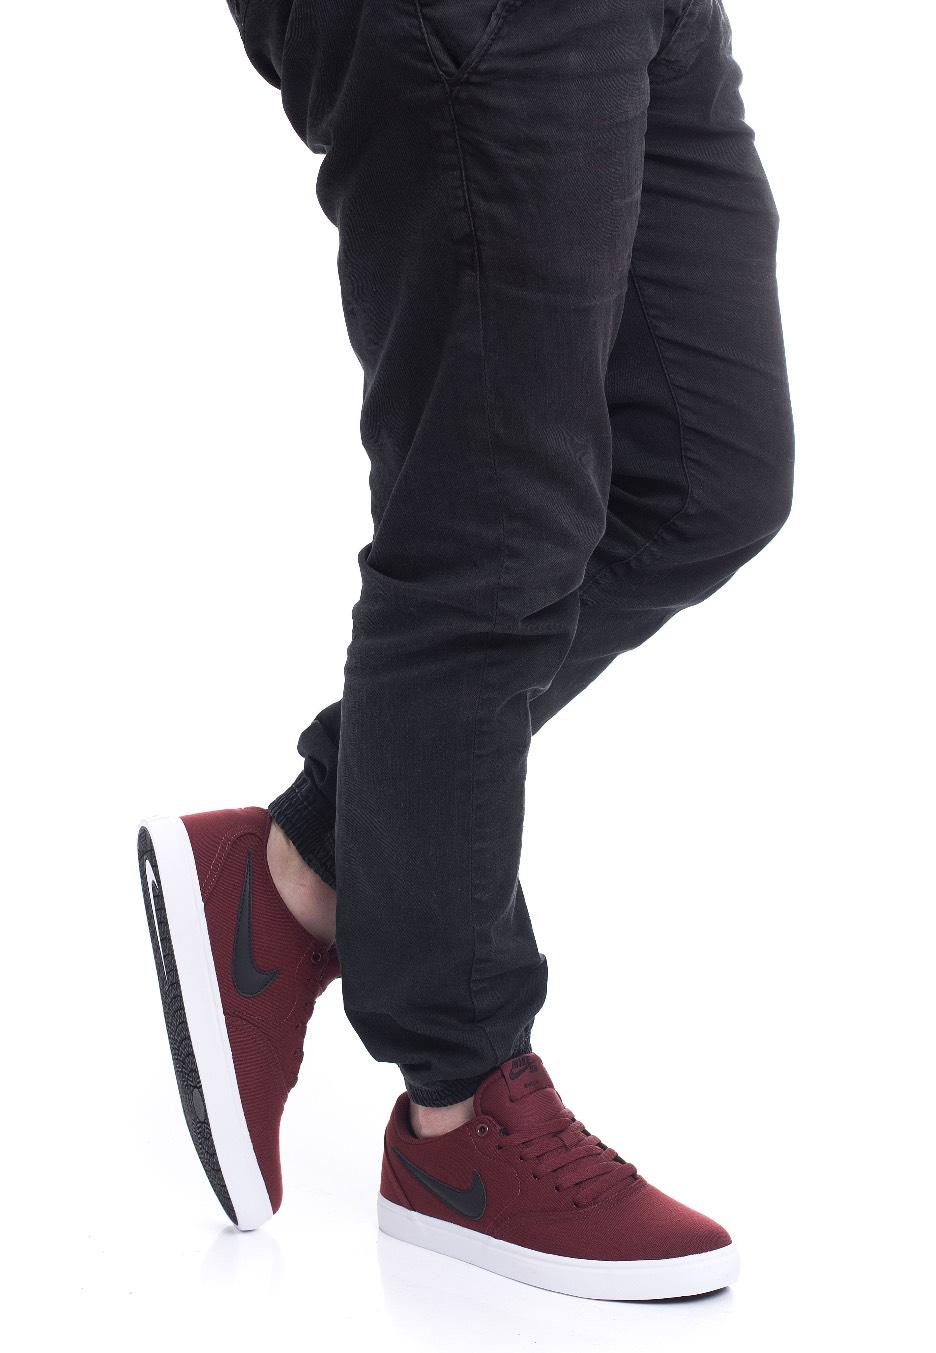 167e3 Nike Shoes Solarsoft 5ea3a Italy dxrCeWBo